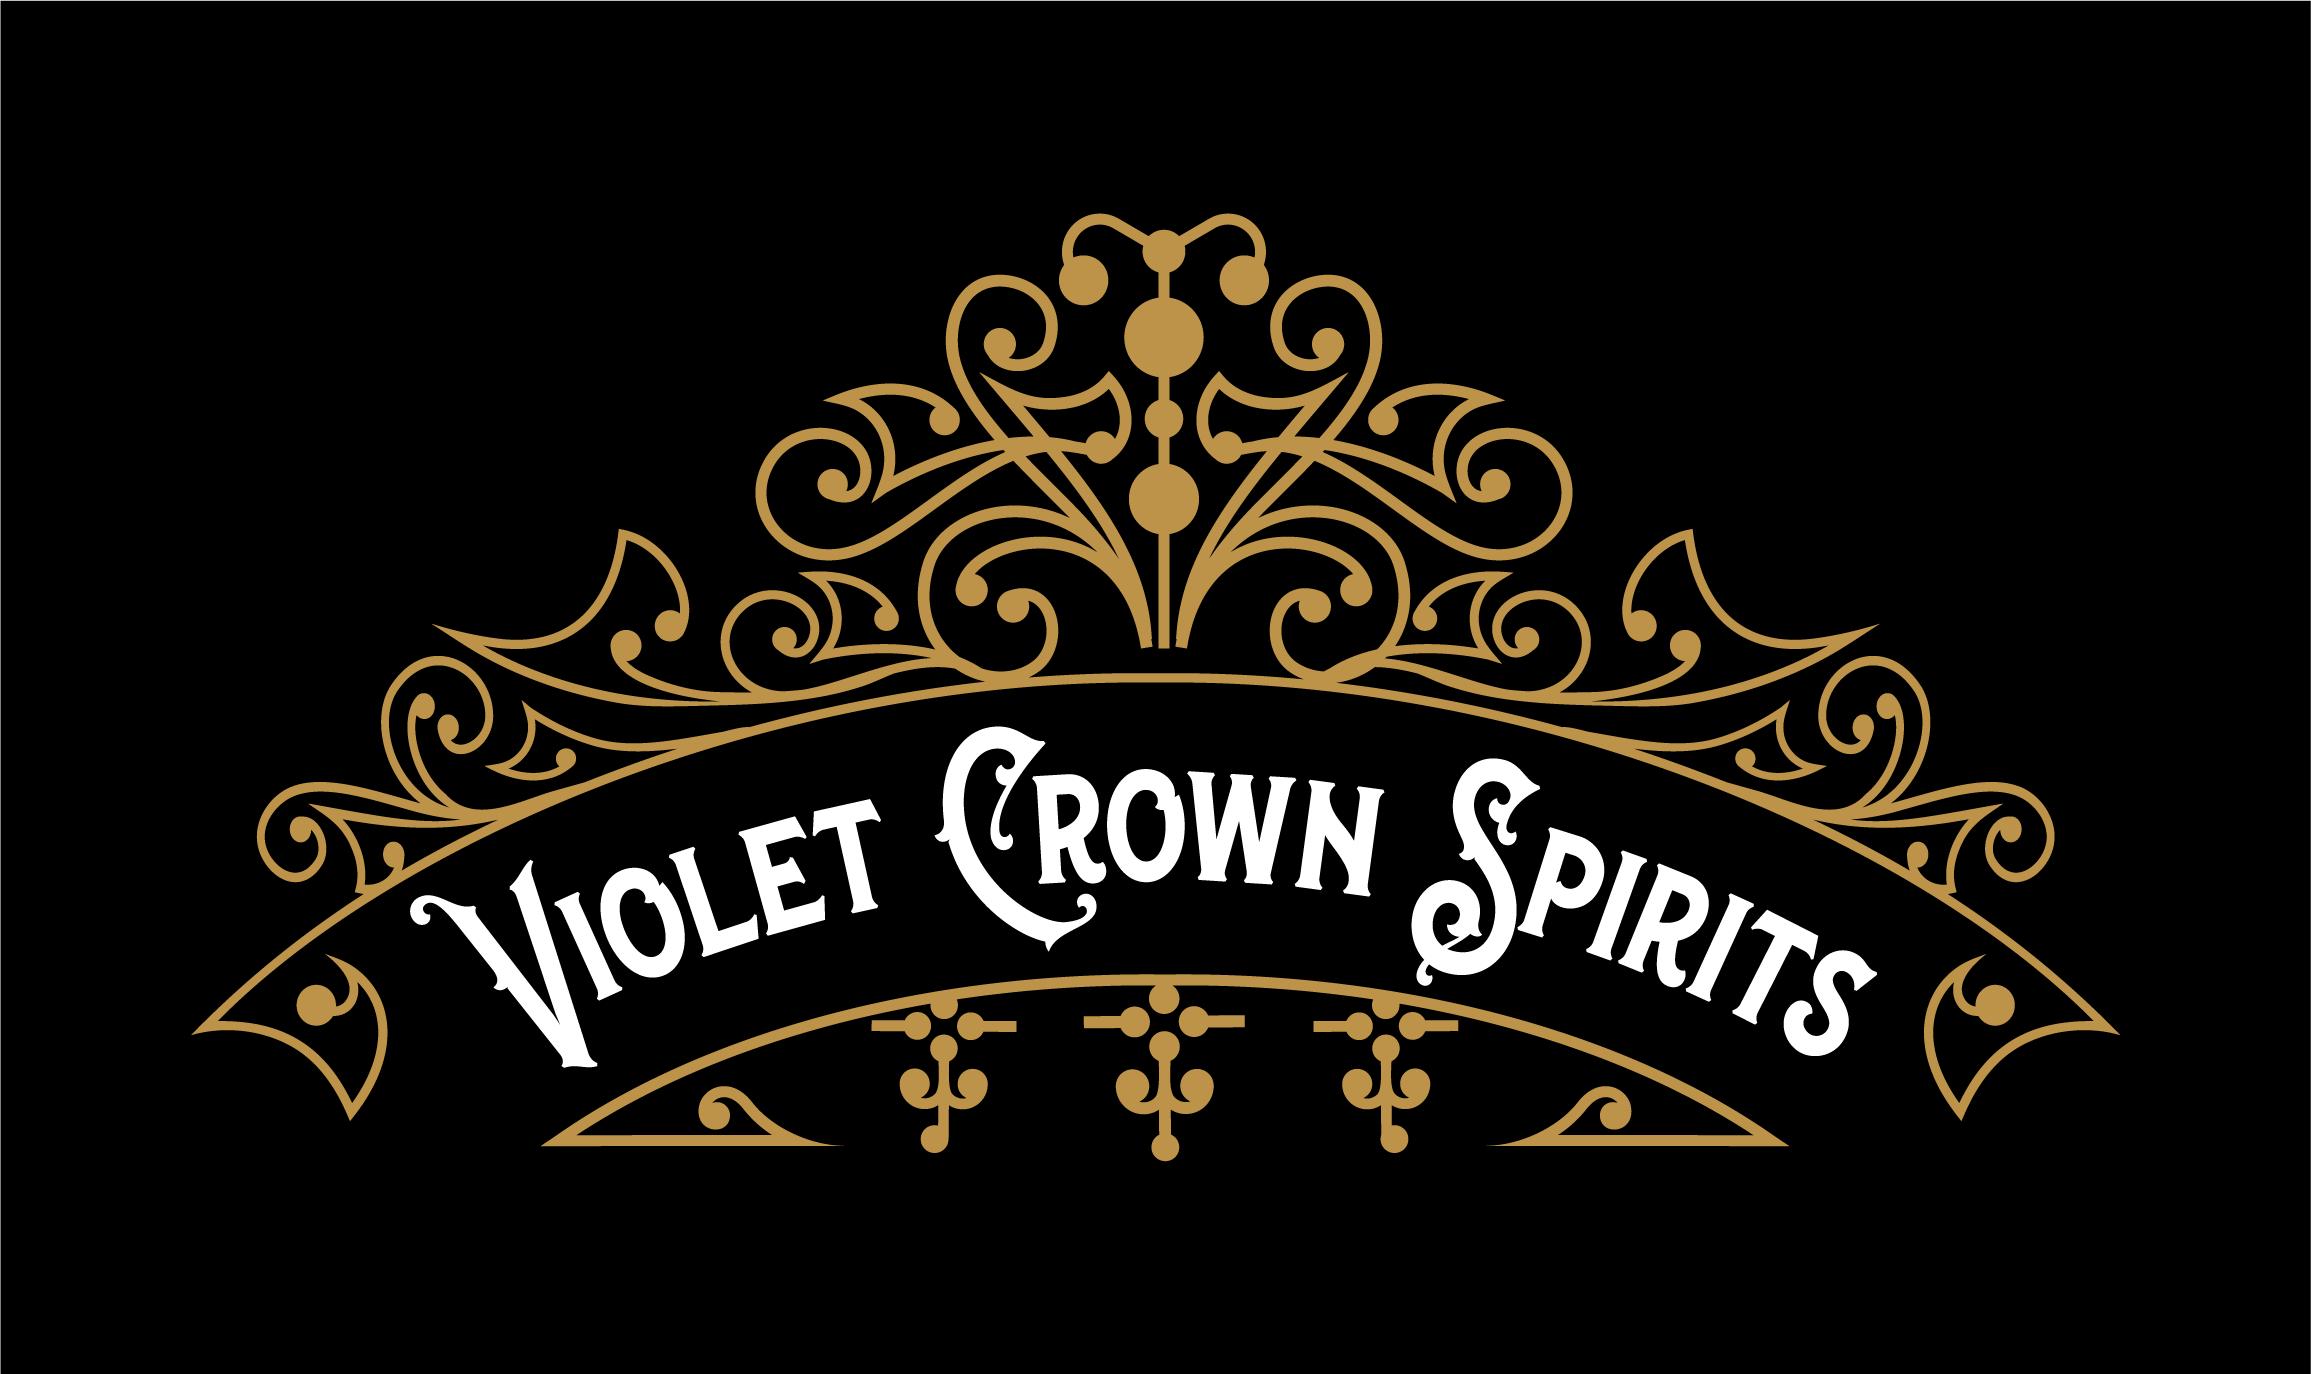 Violet Crown Spirits - Bastrop TX